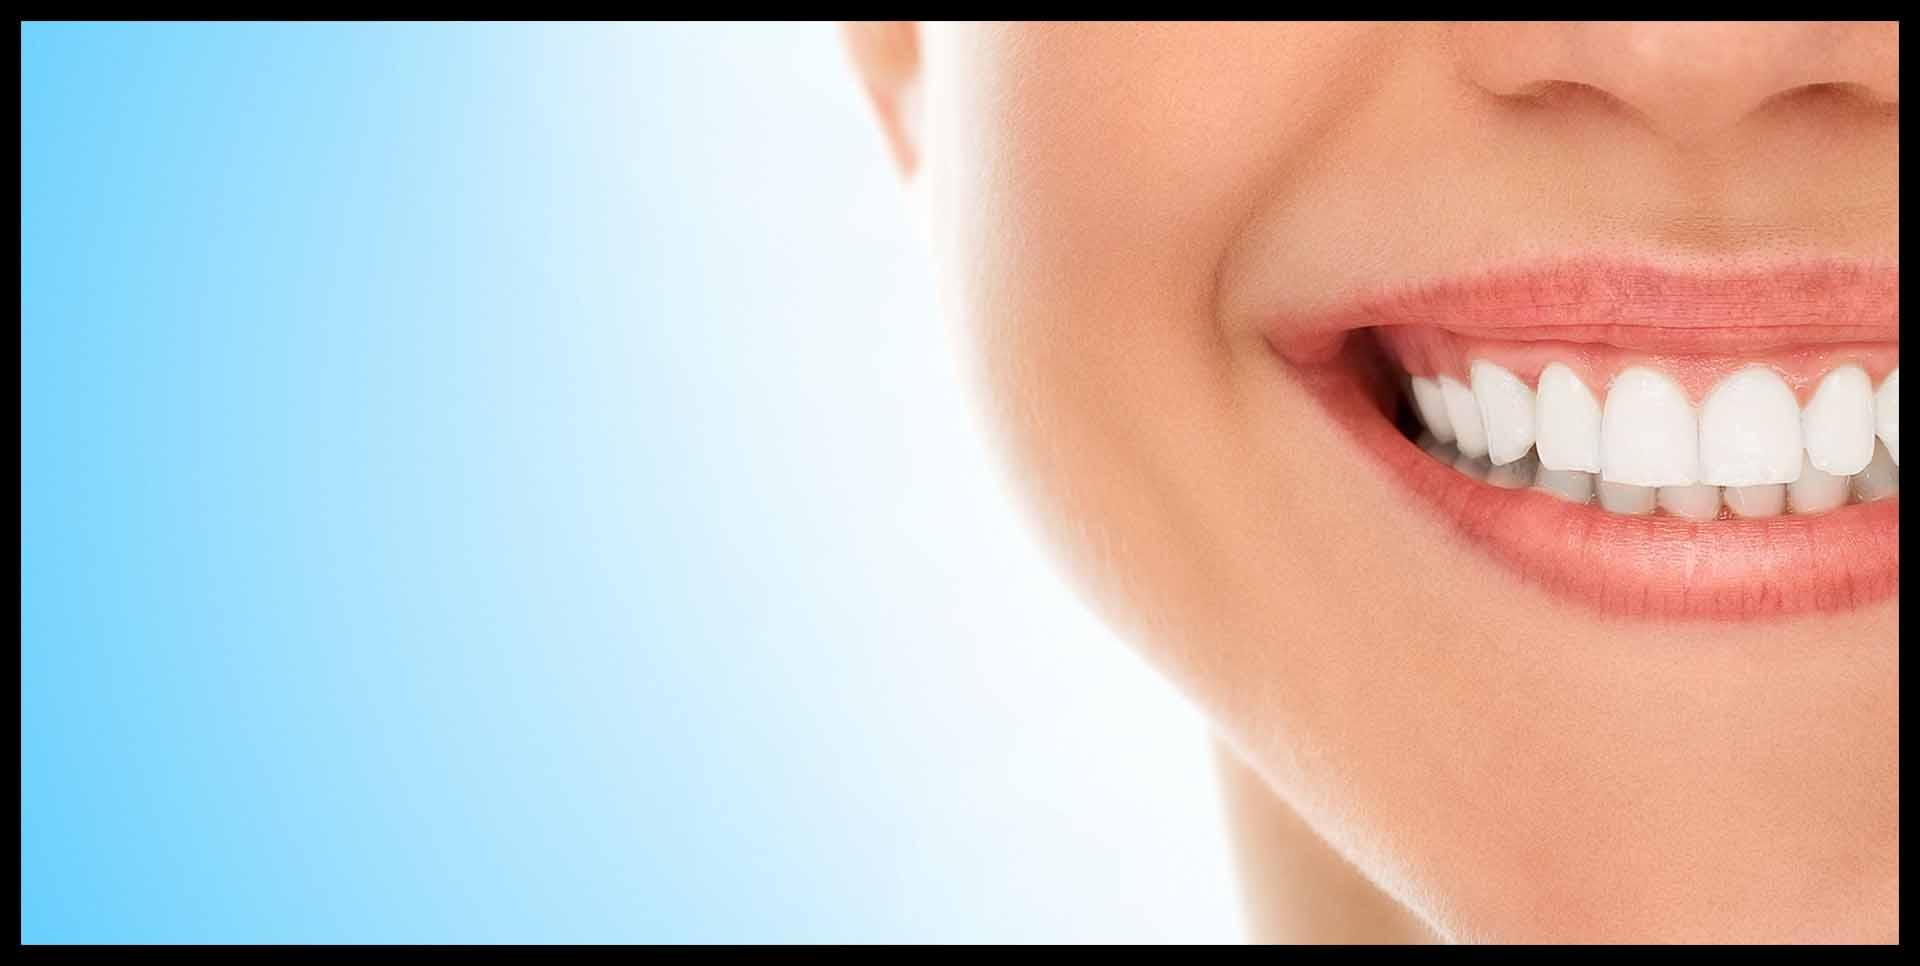 una sonrisa envidiable tras la periodoncia